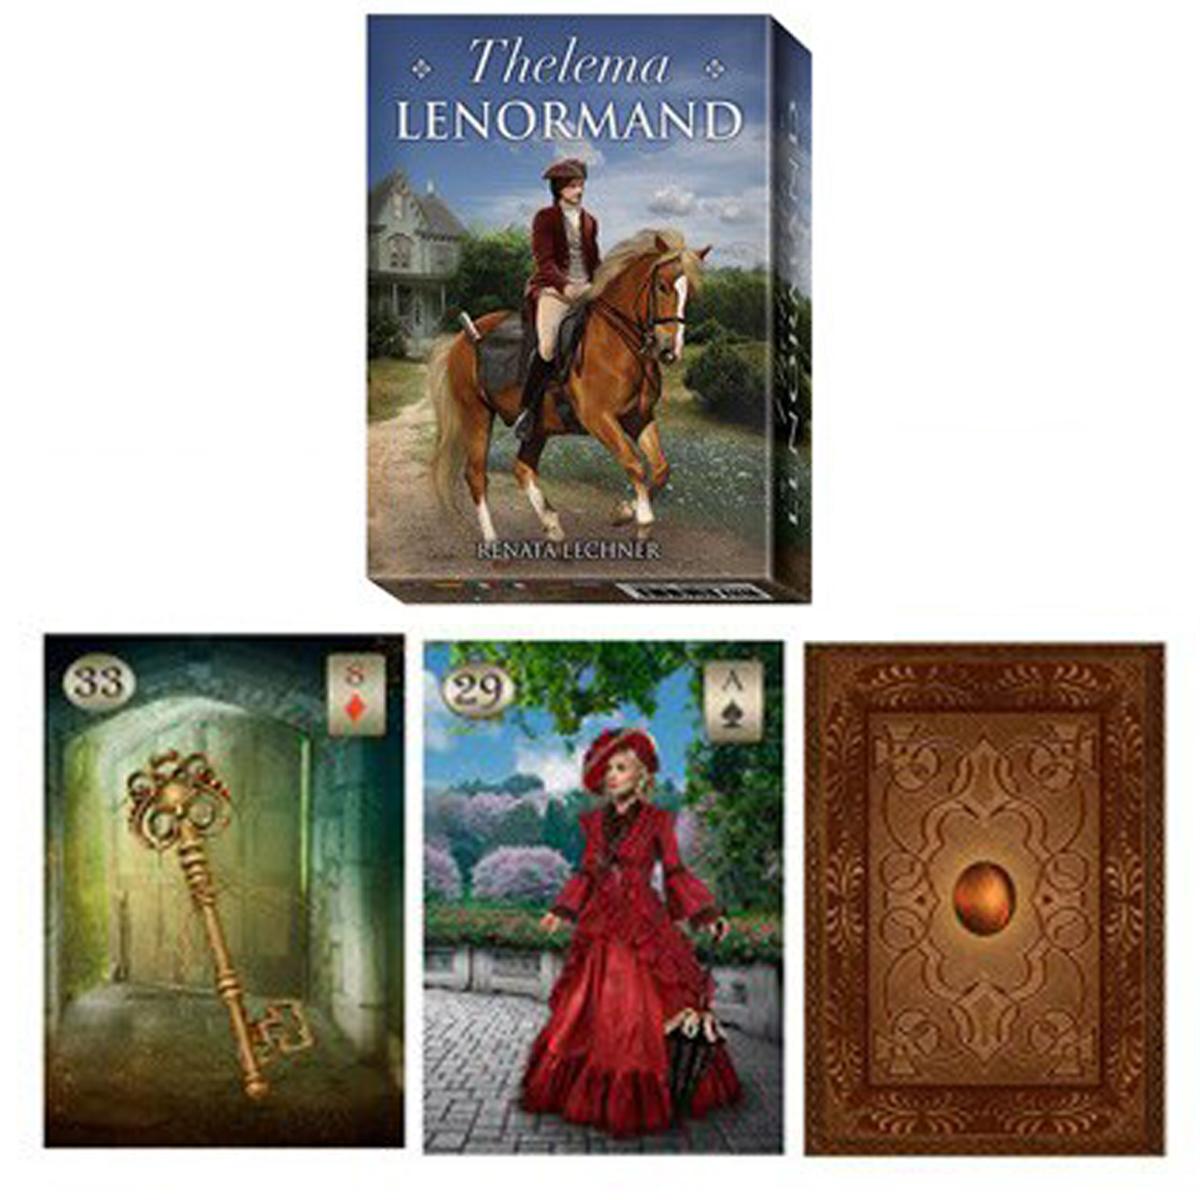 Jeu de cartes \'Thelema Lenormand\' multicolore (oracles) - 135x10x3 cm - [R1476]